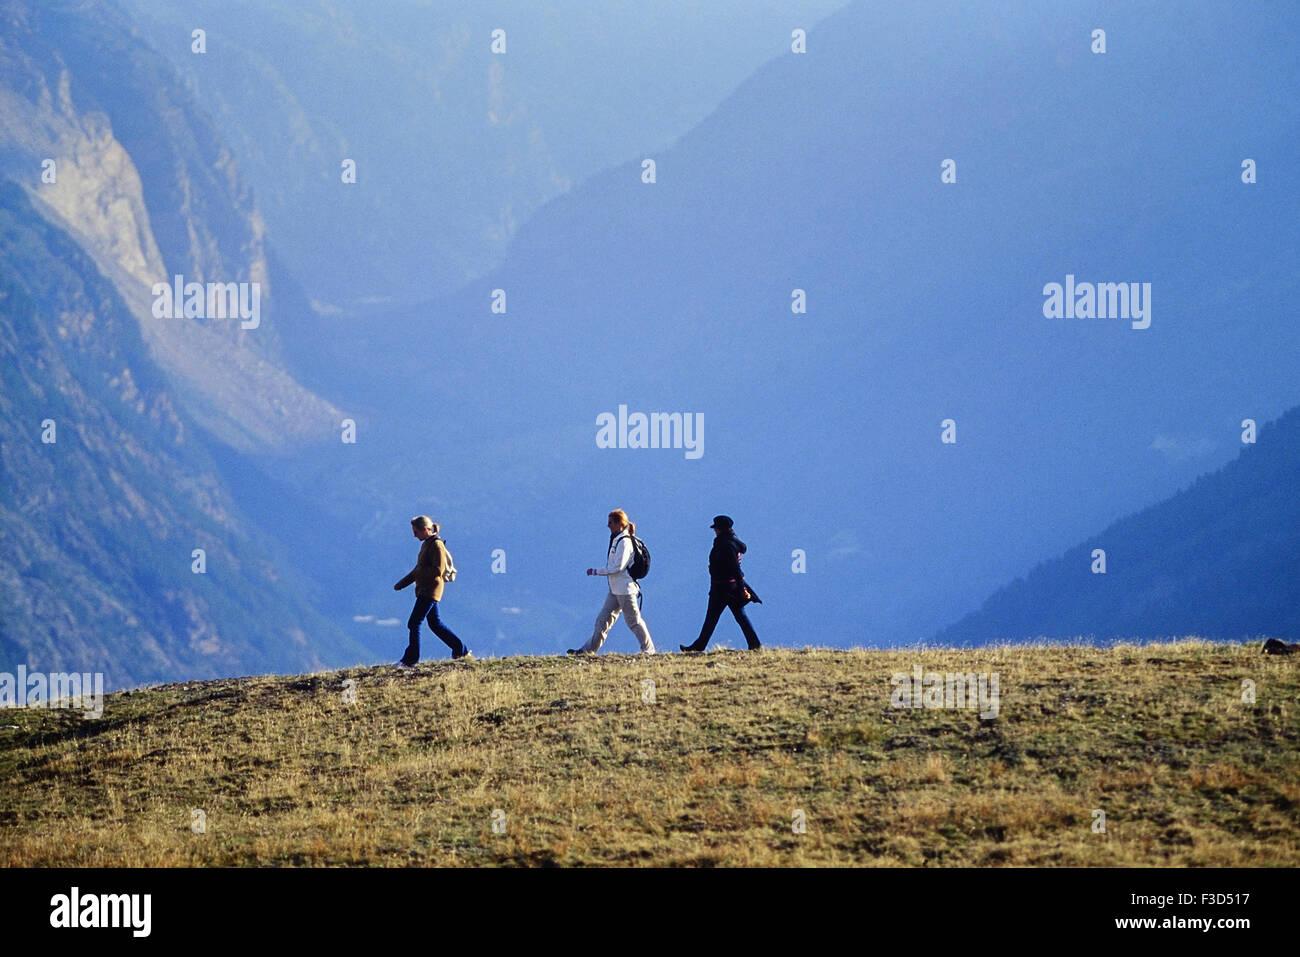 three women hiking above the alpine resort of Zermatt. Switzerland. Europe - Stock Image